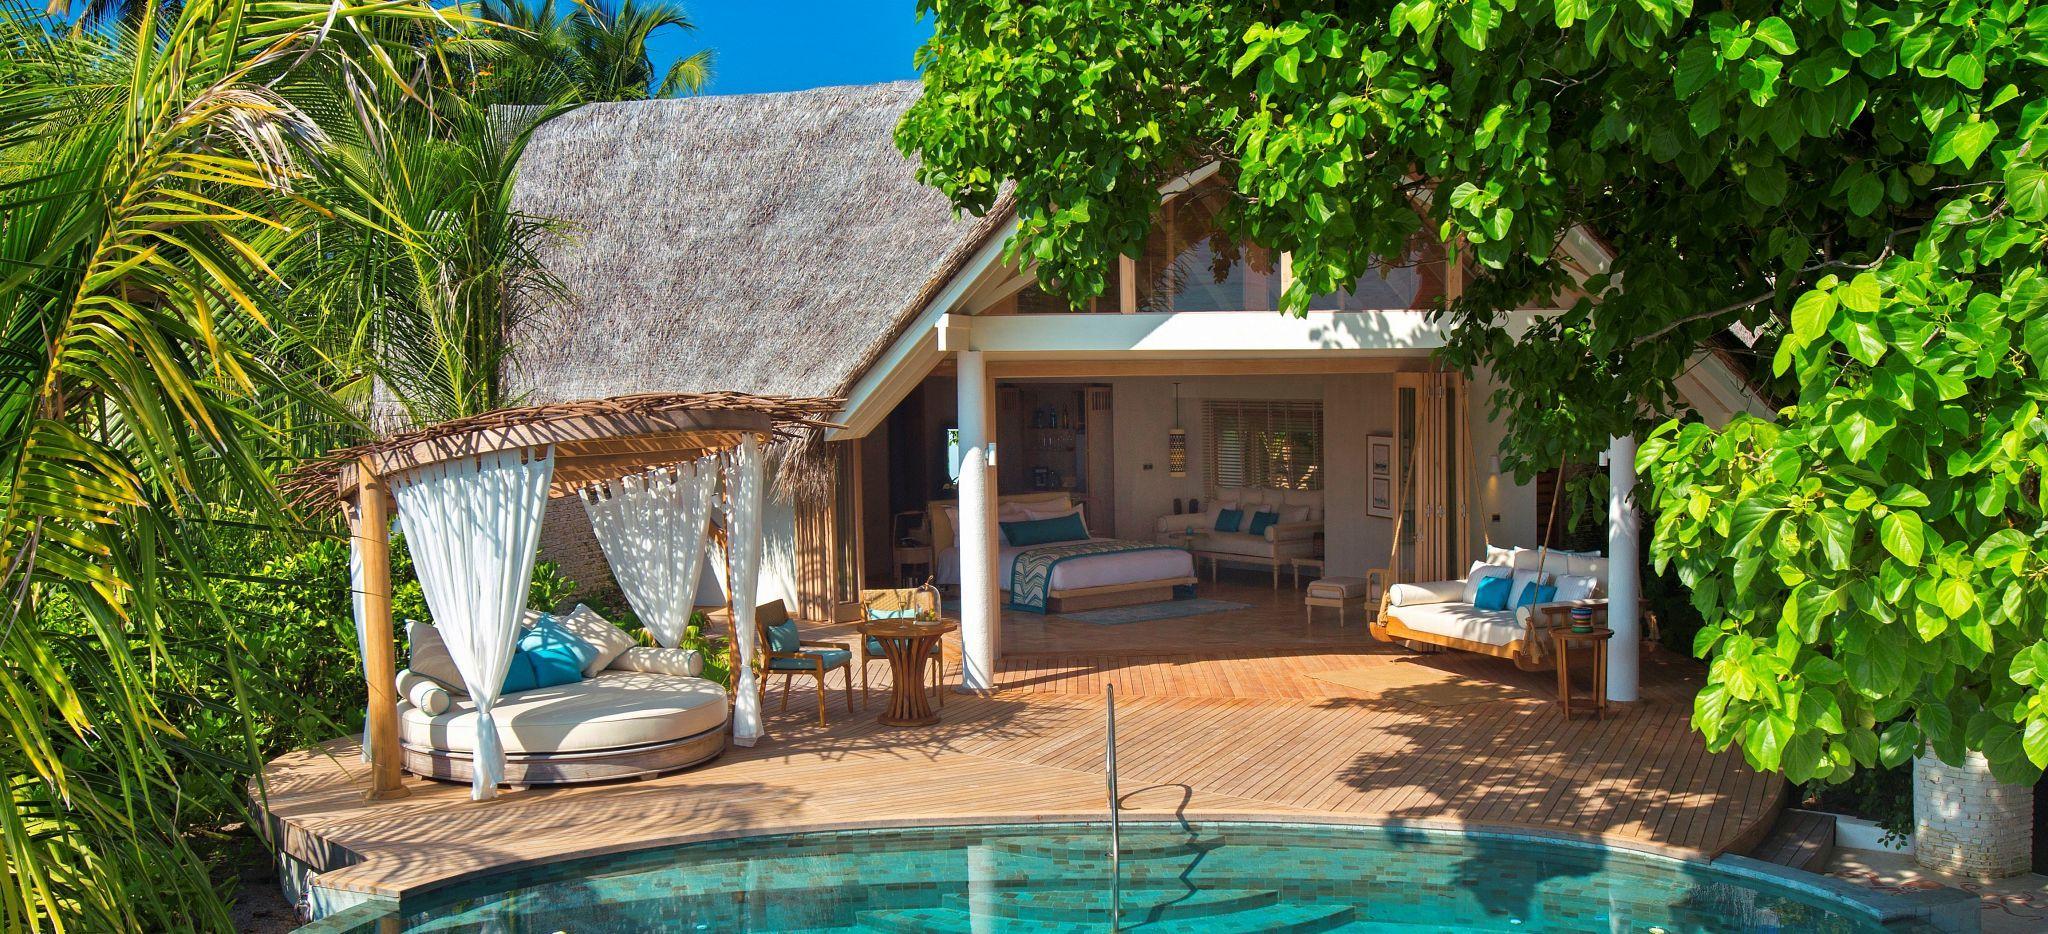 Eine Hotel Villa mit einem privatem Pool im tropischen Grün